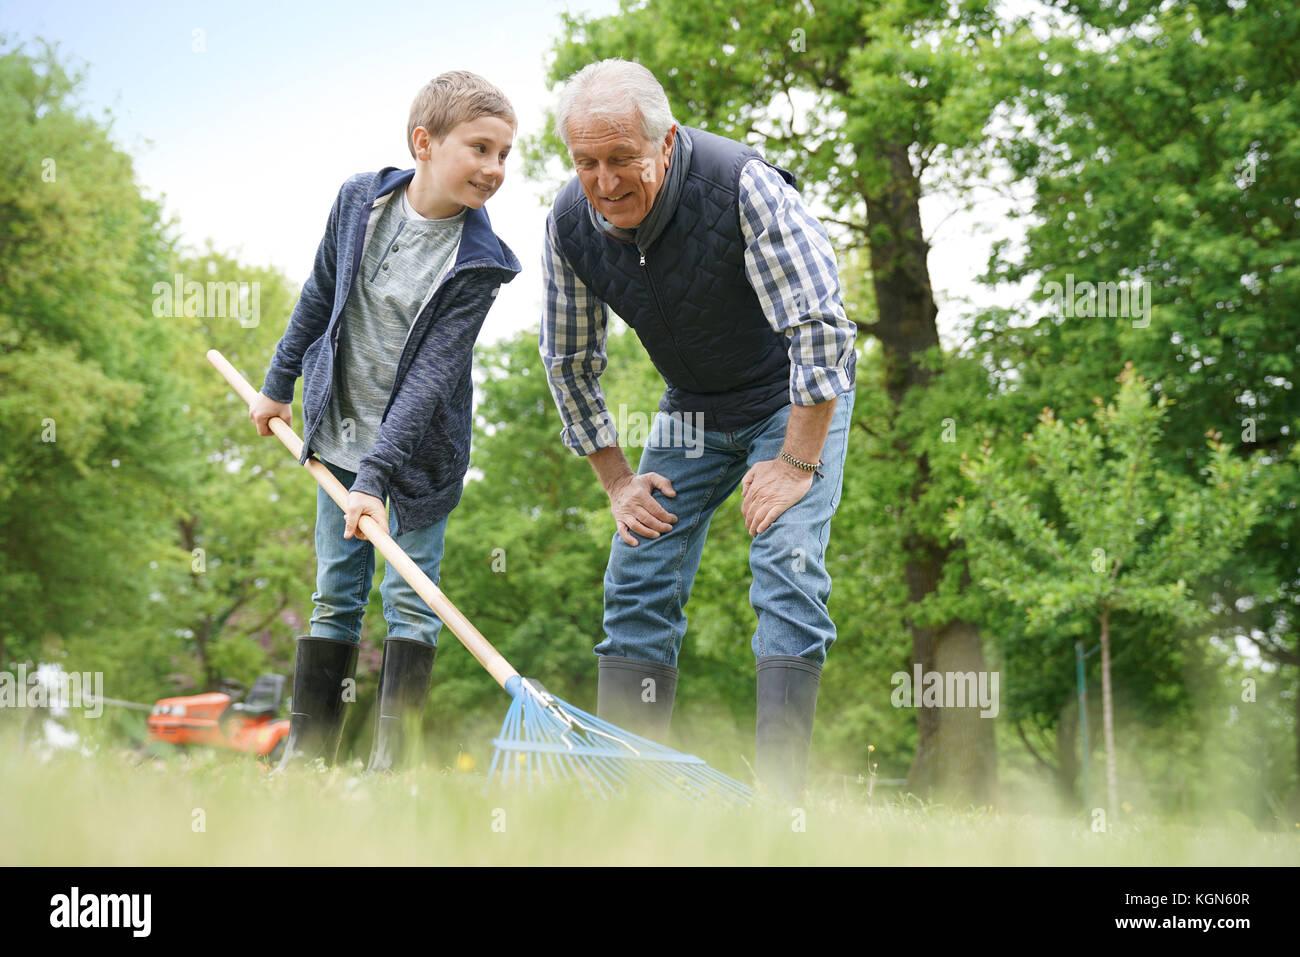 Limpieza grandkid abuelo con jardín con rastrillo Imagen De Stock